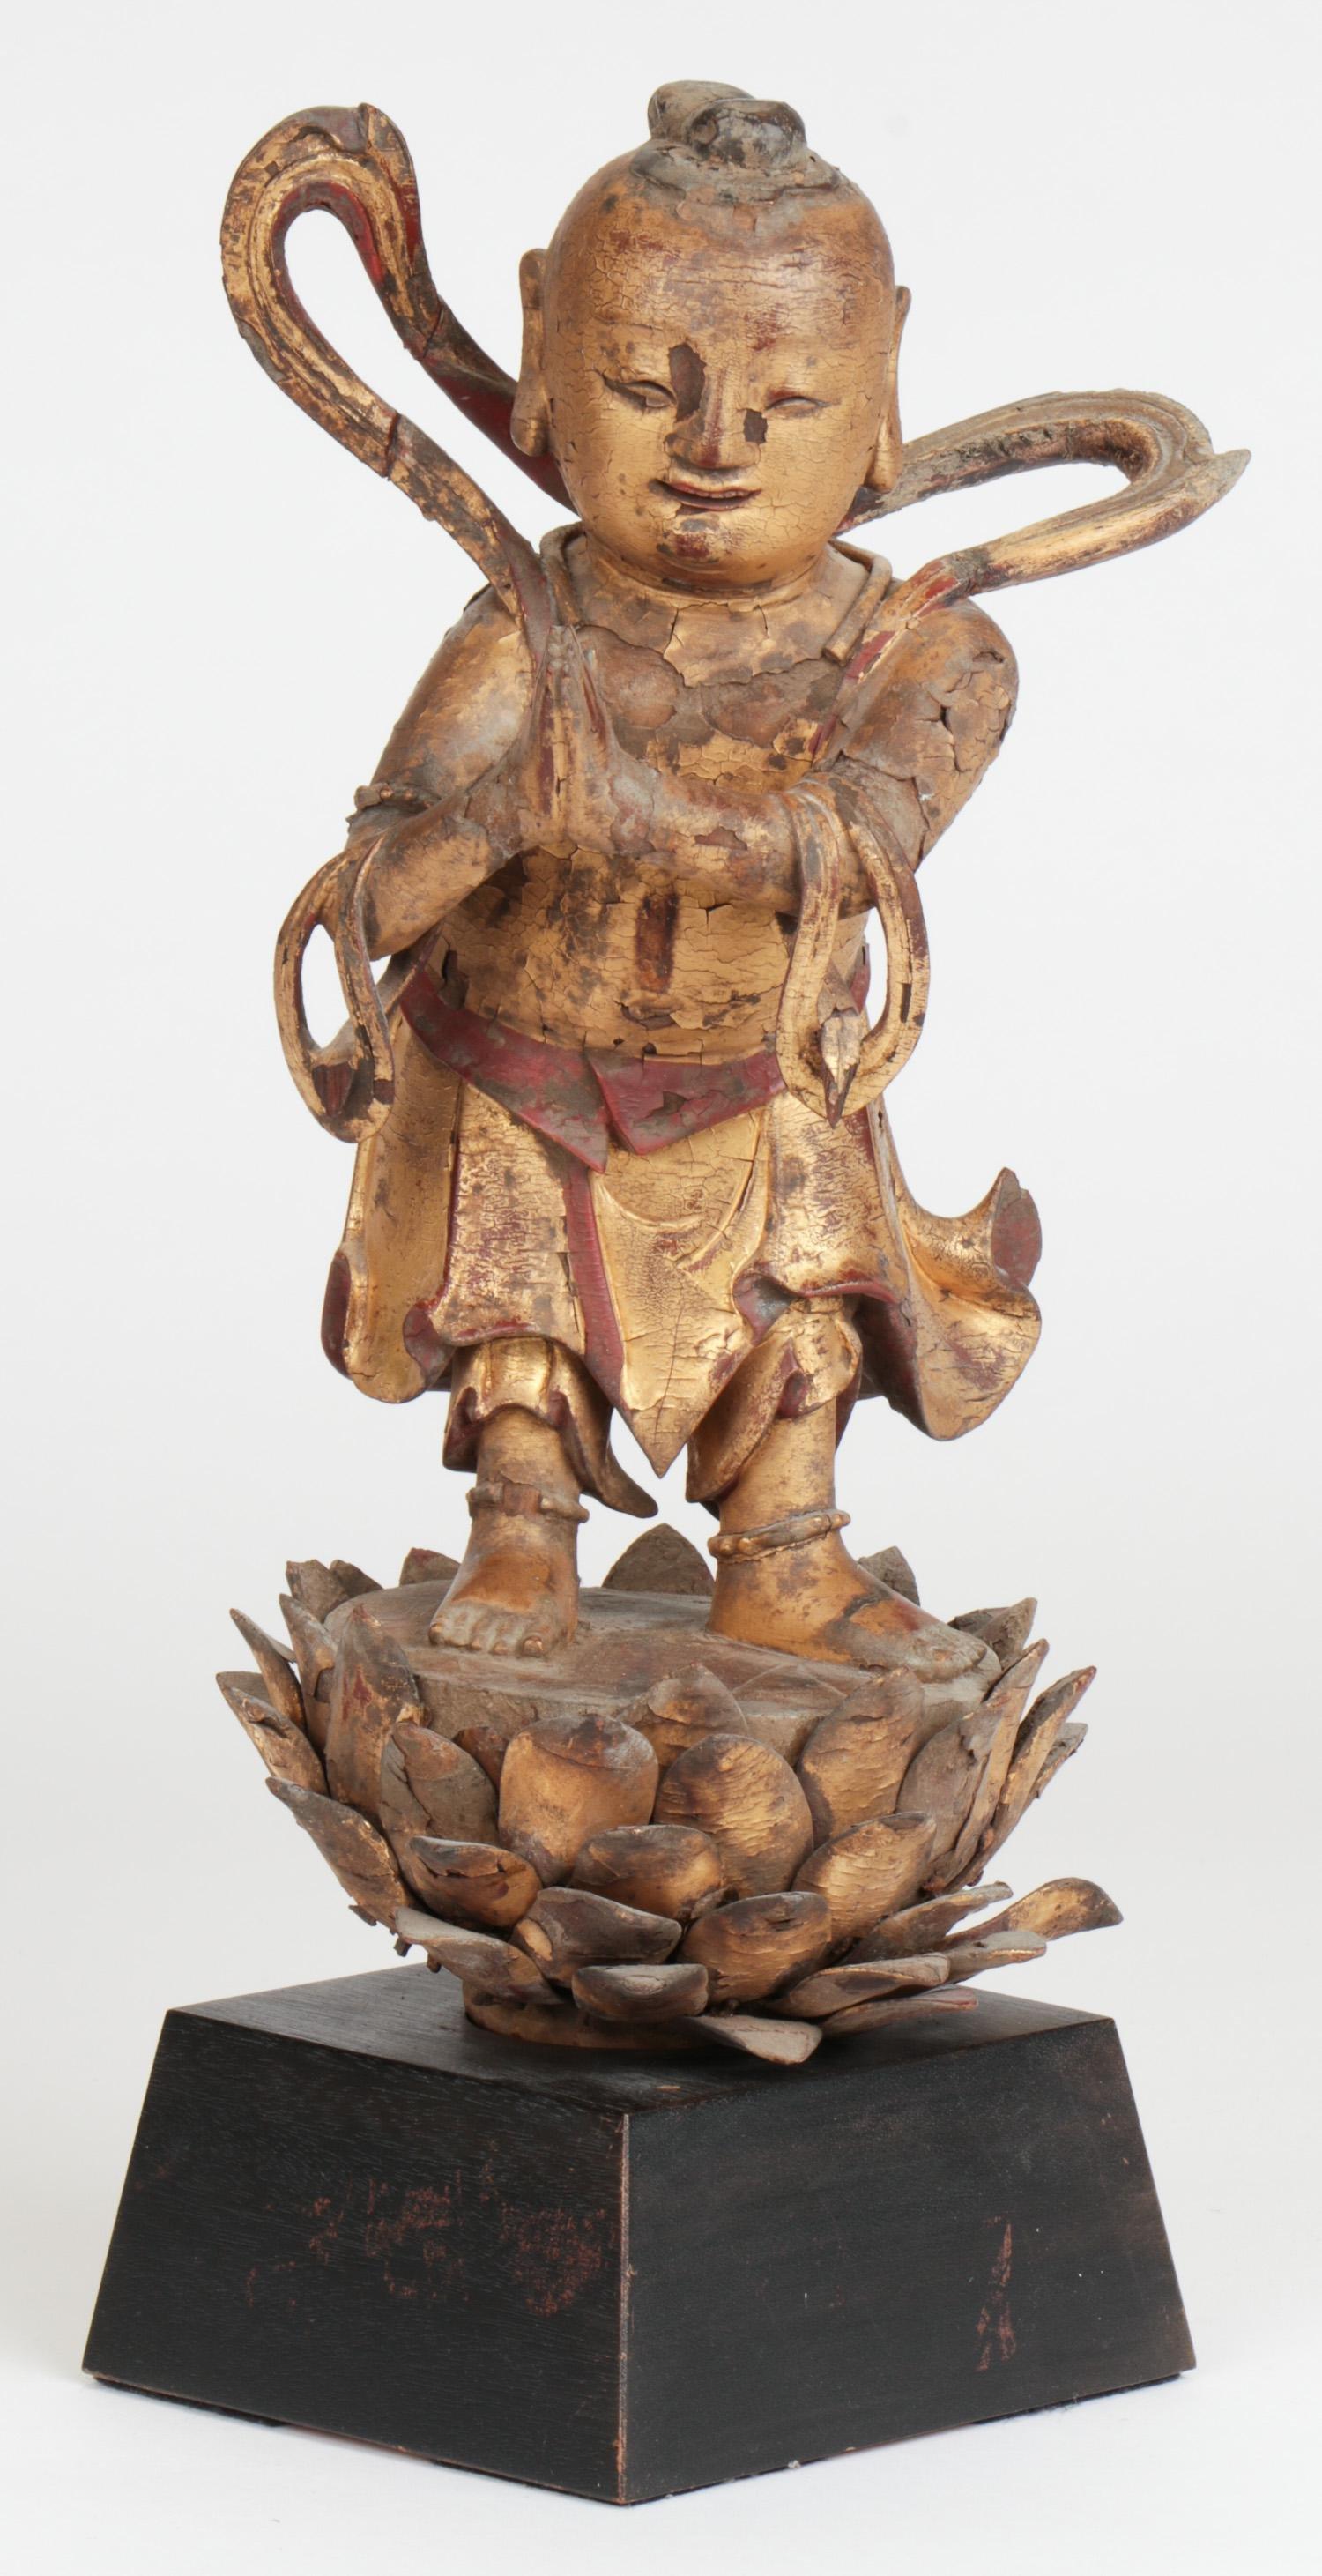 18th C. Gilt Wood Statue of Baby Buddha, China